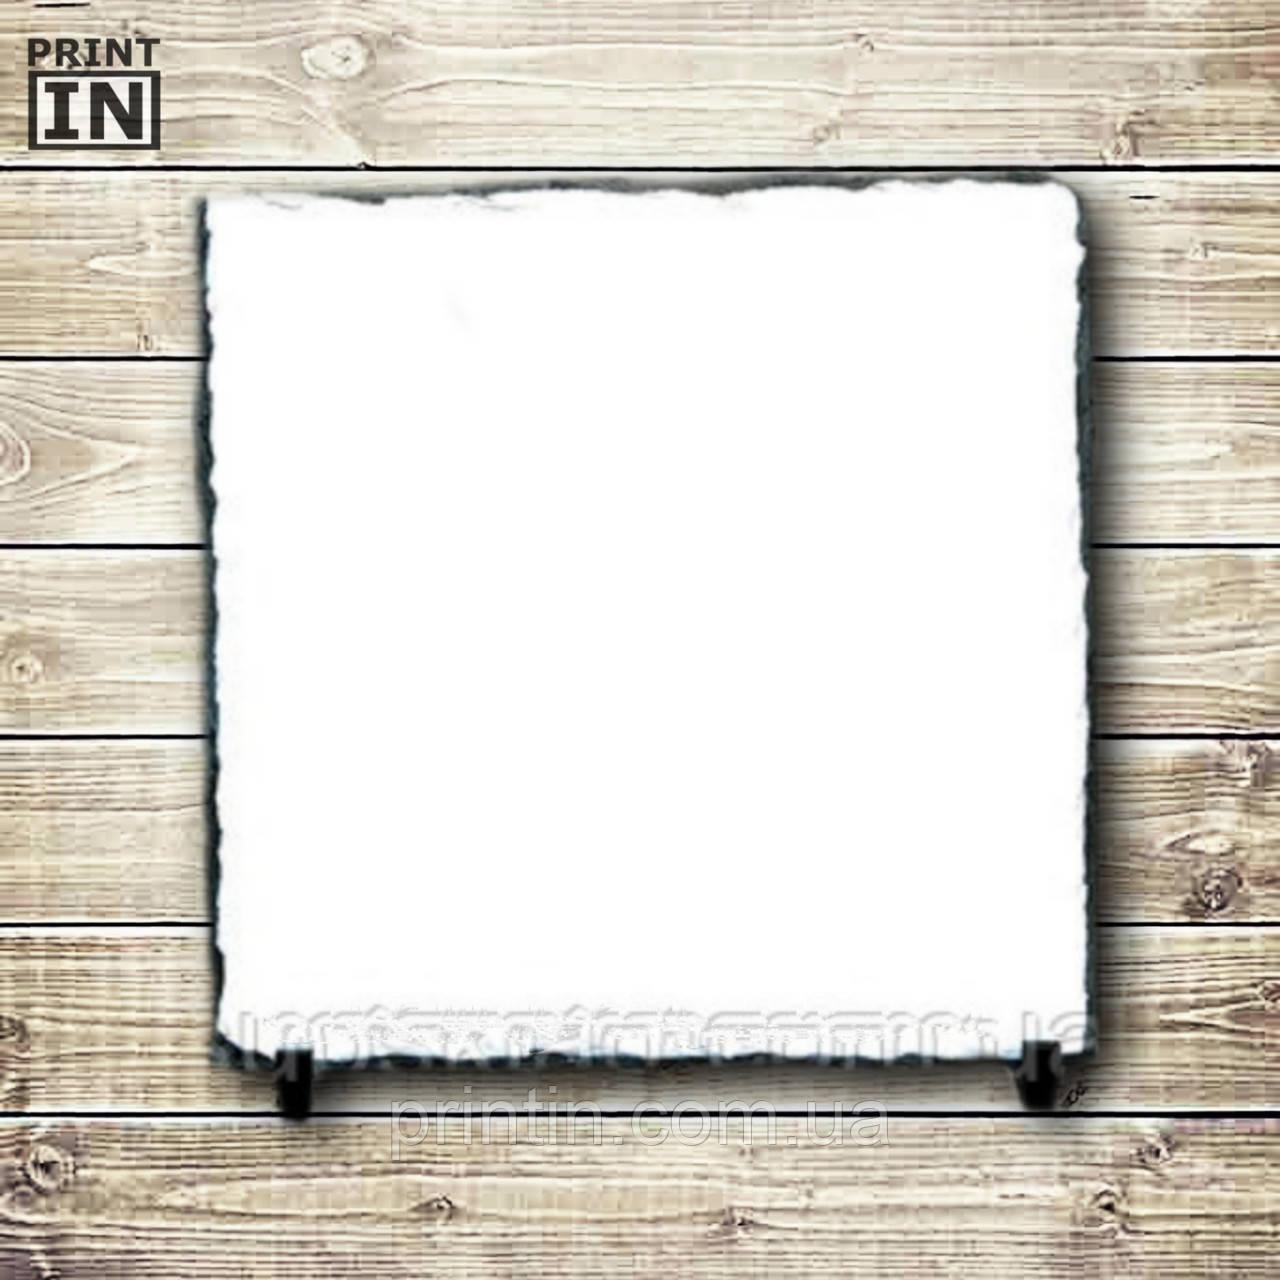 Печать на каменной рамке (квадрат 30х30см)